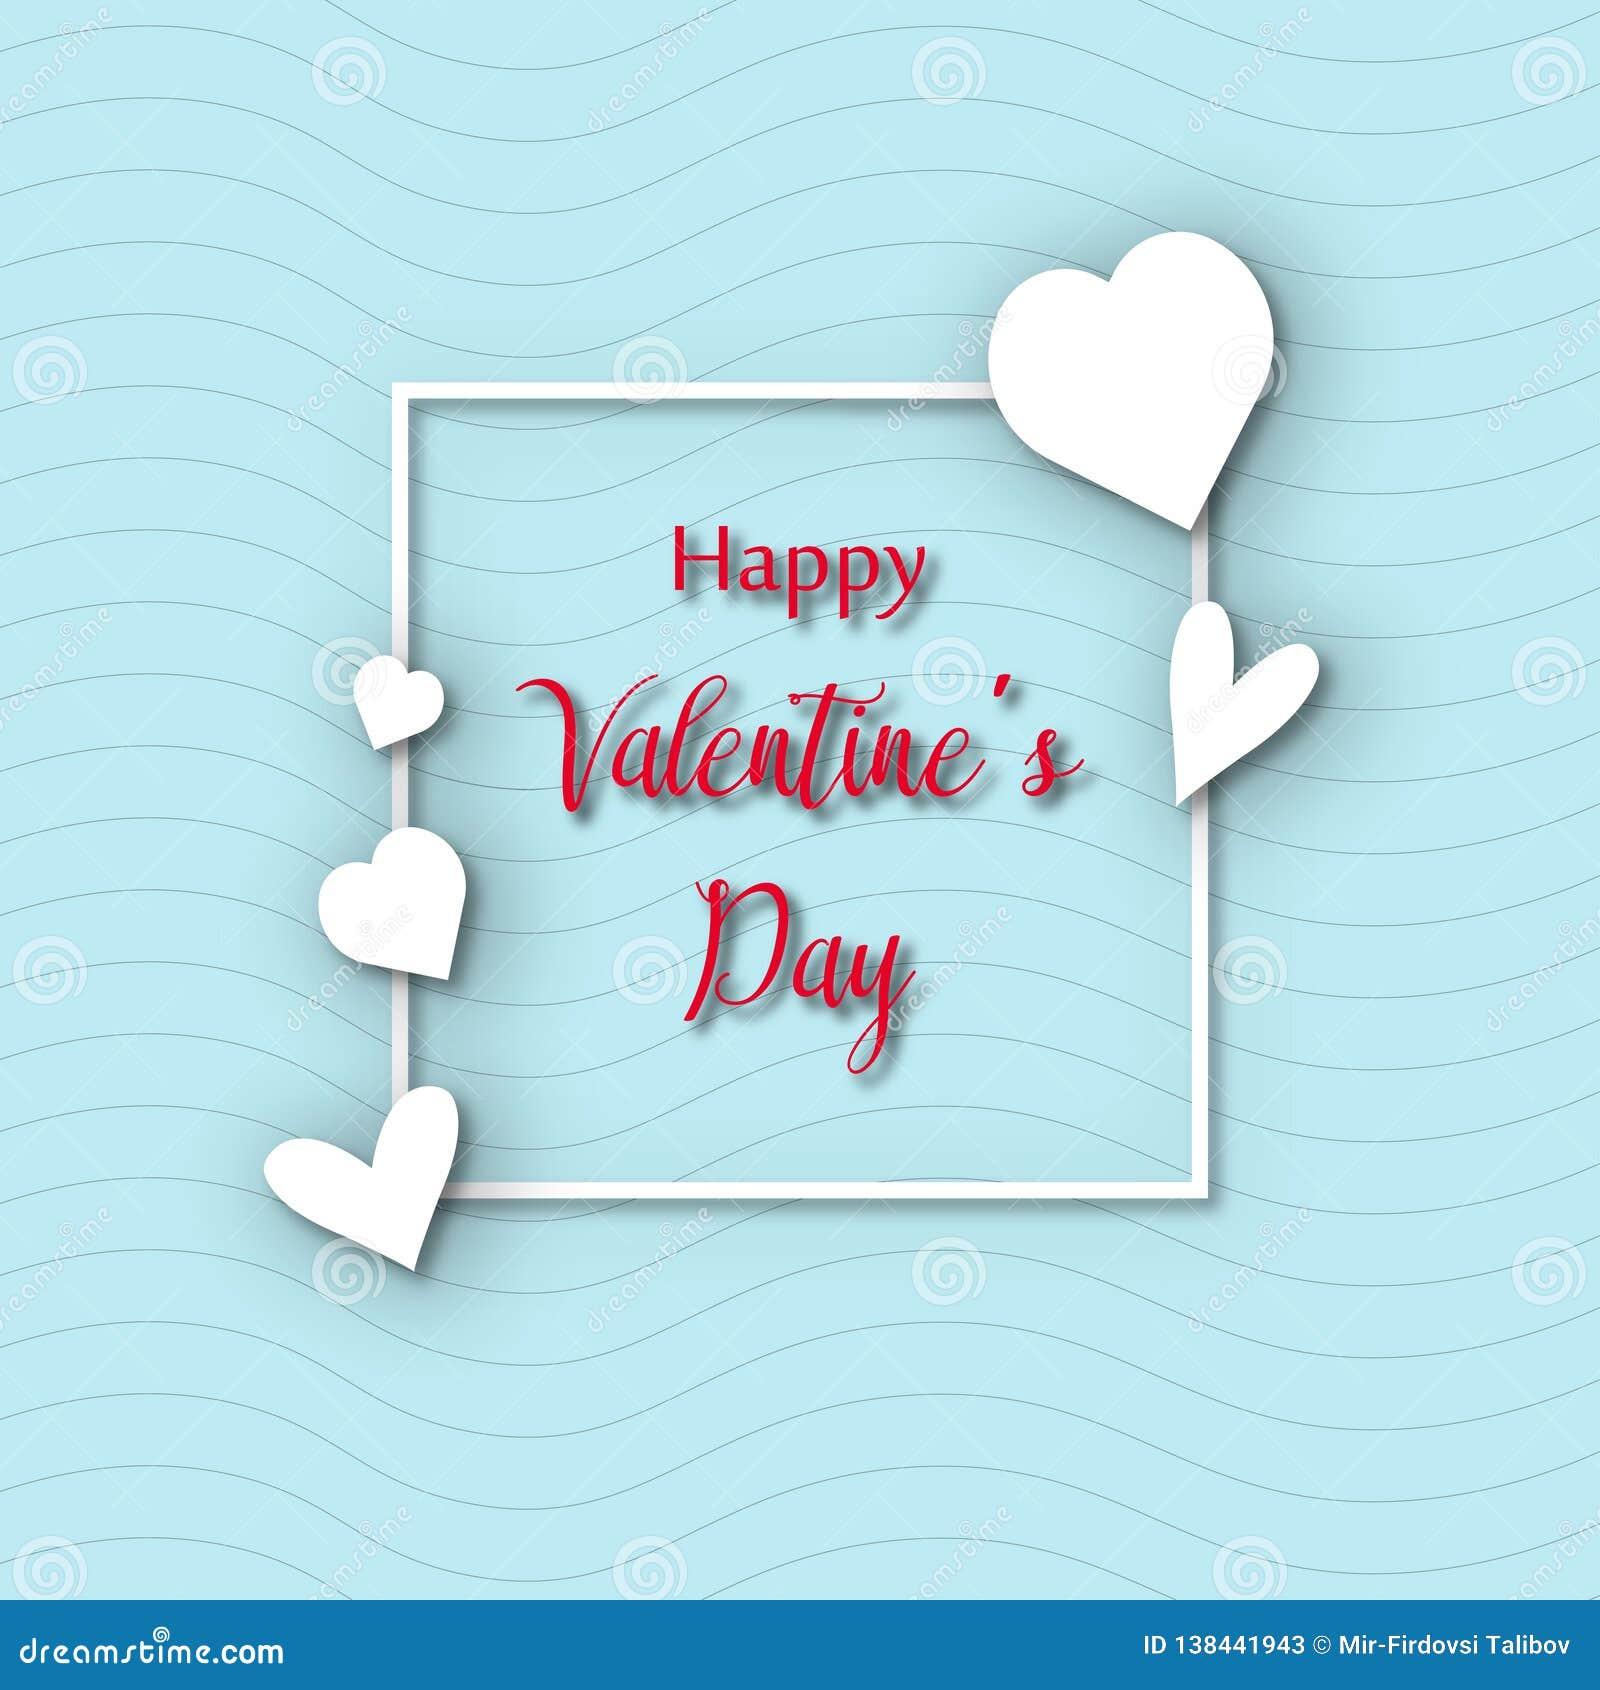 Molde do cartão de Valentine Day, projeto com coração vermelho, conceito da celebração do dia de são valentim